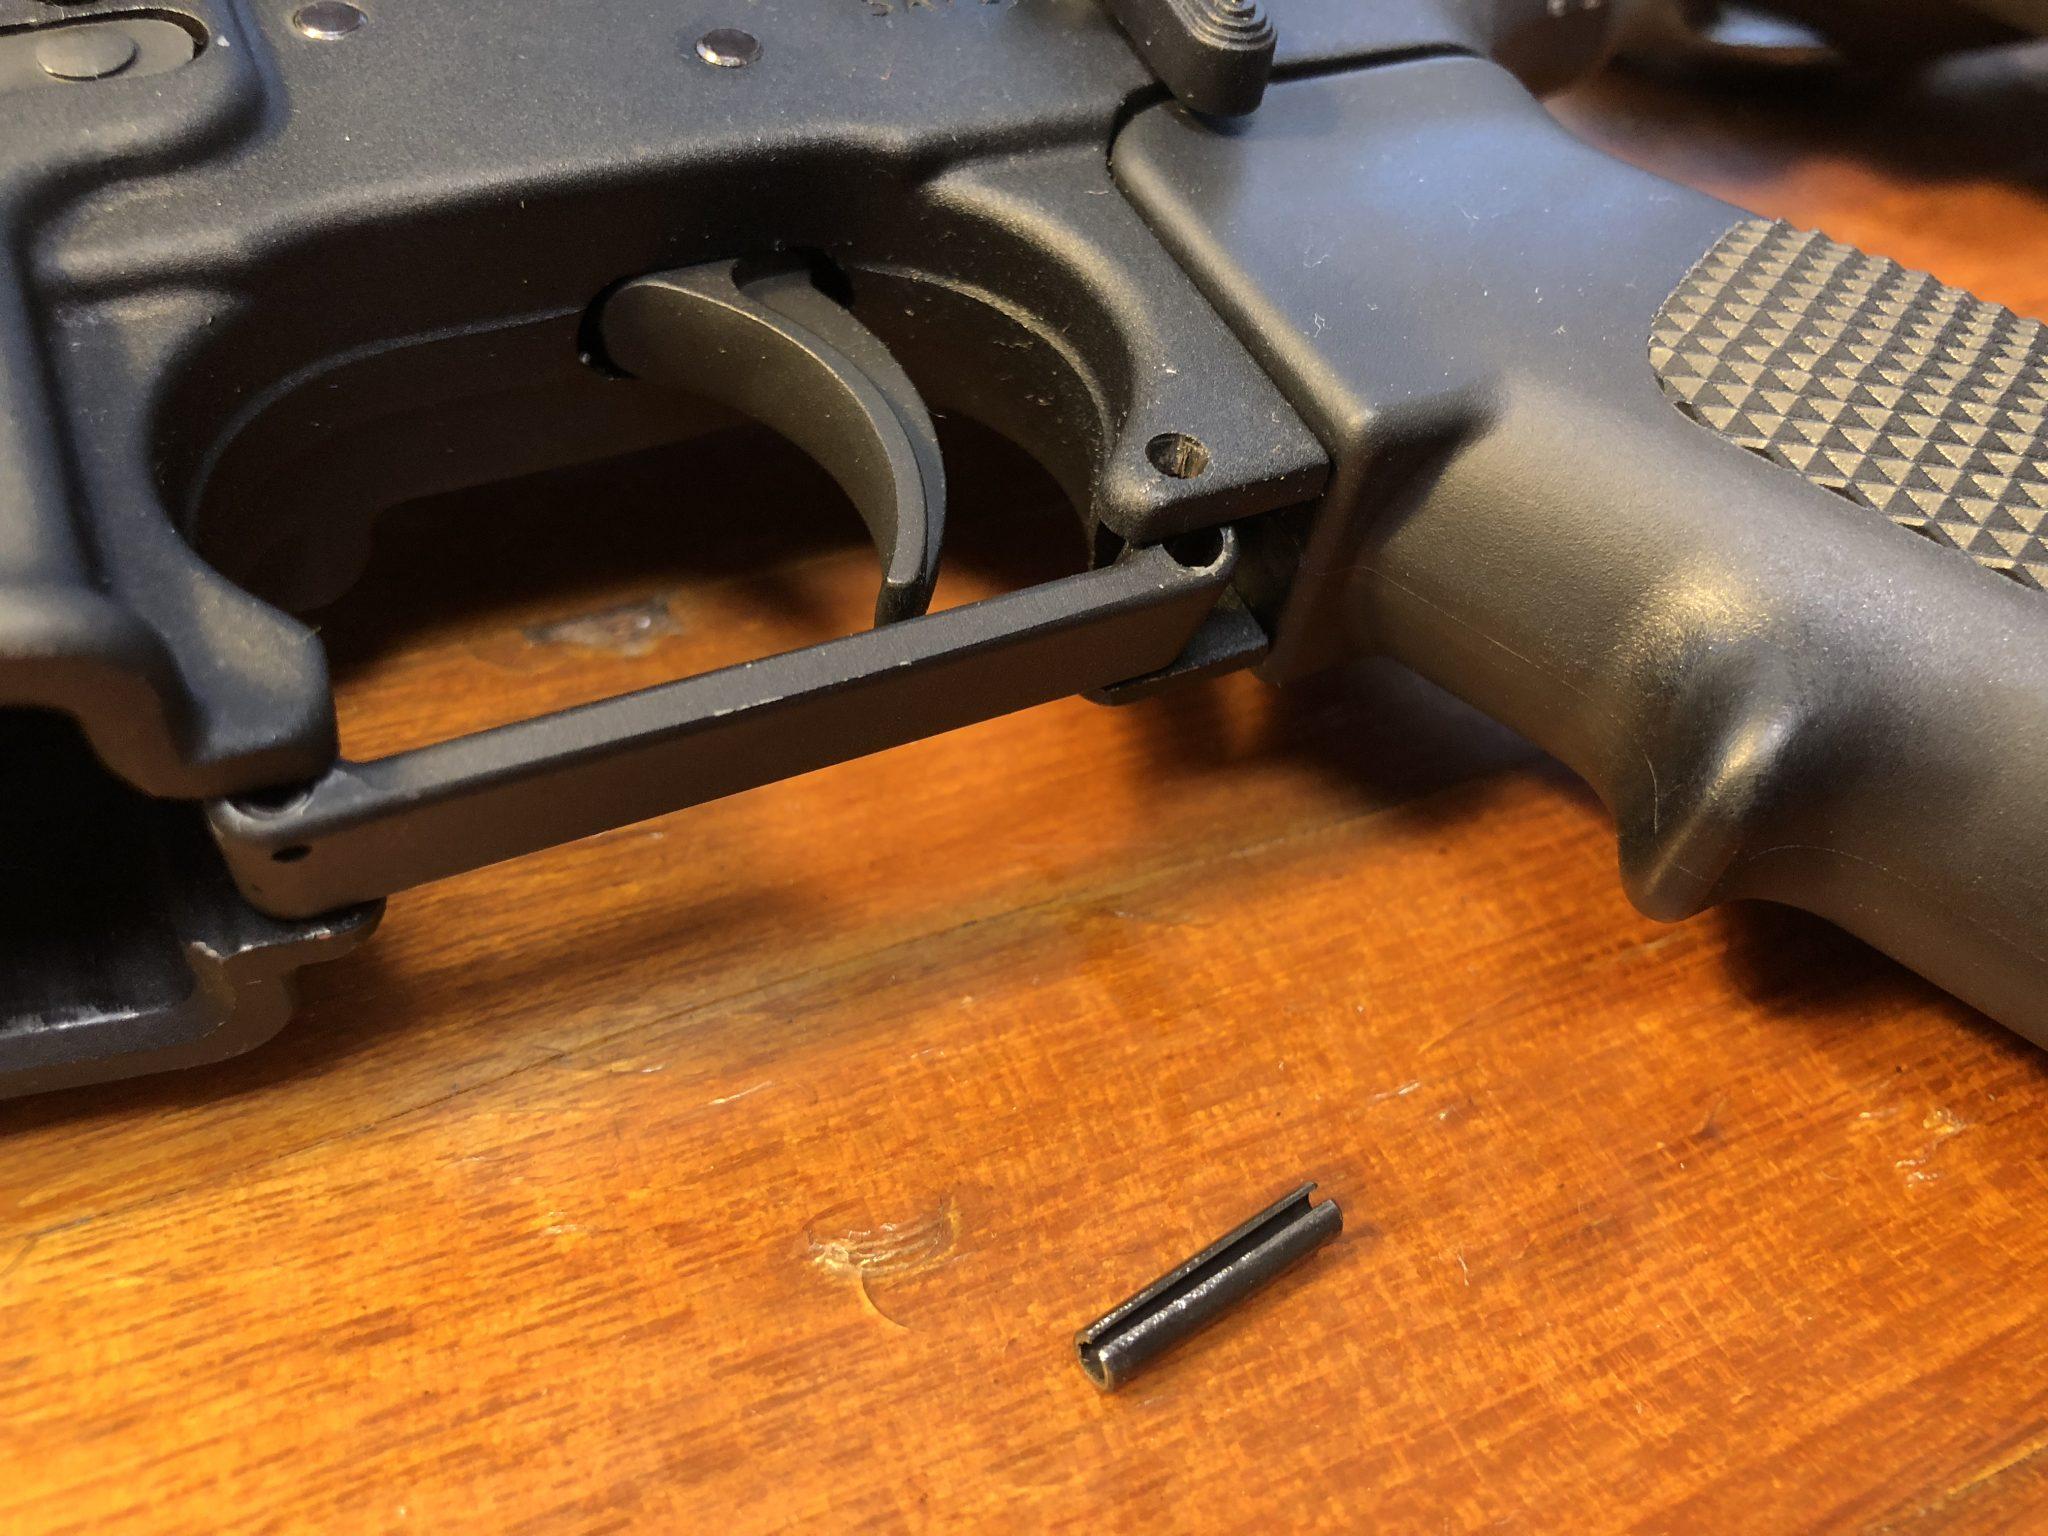 F5A5617A 2833 4E0F AB95 324FF0D3452E - マグプル トリガーガードの取り付け